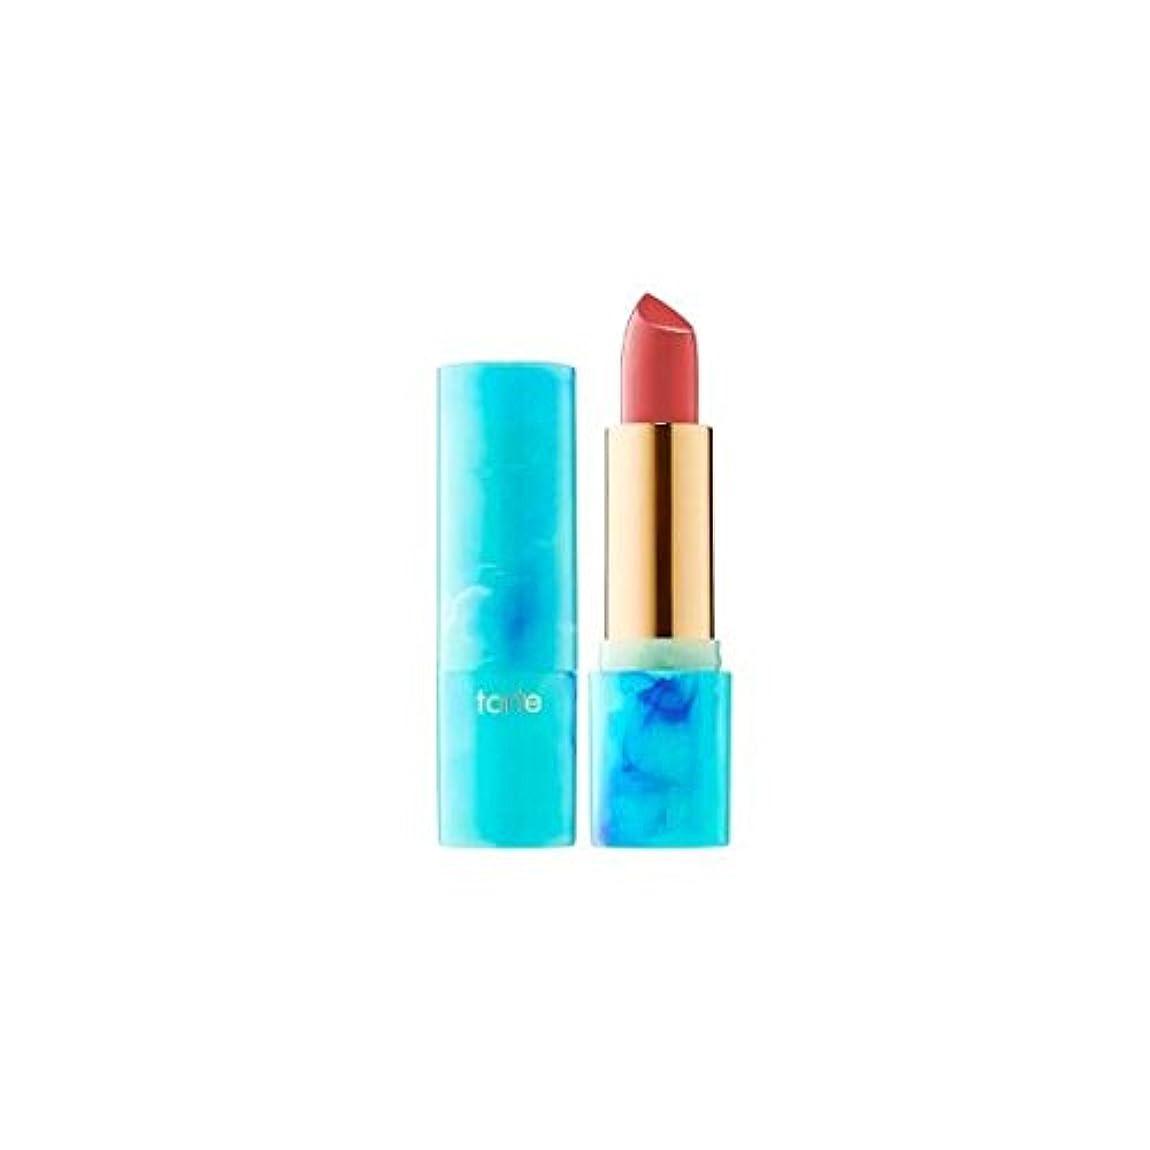 体操ブリリアントレンダリングtarteタルト リップ Color Splash Lipstick - Rainforest of the Sea Collection Satin finish